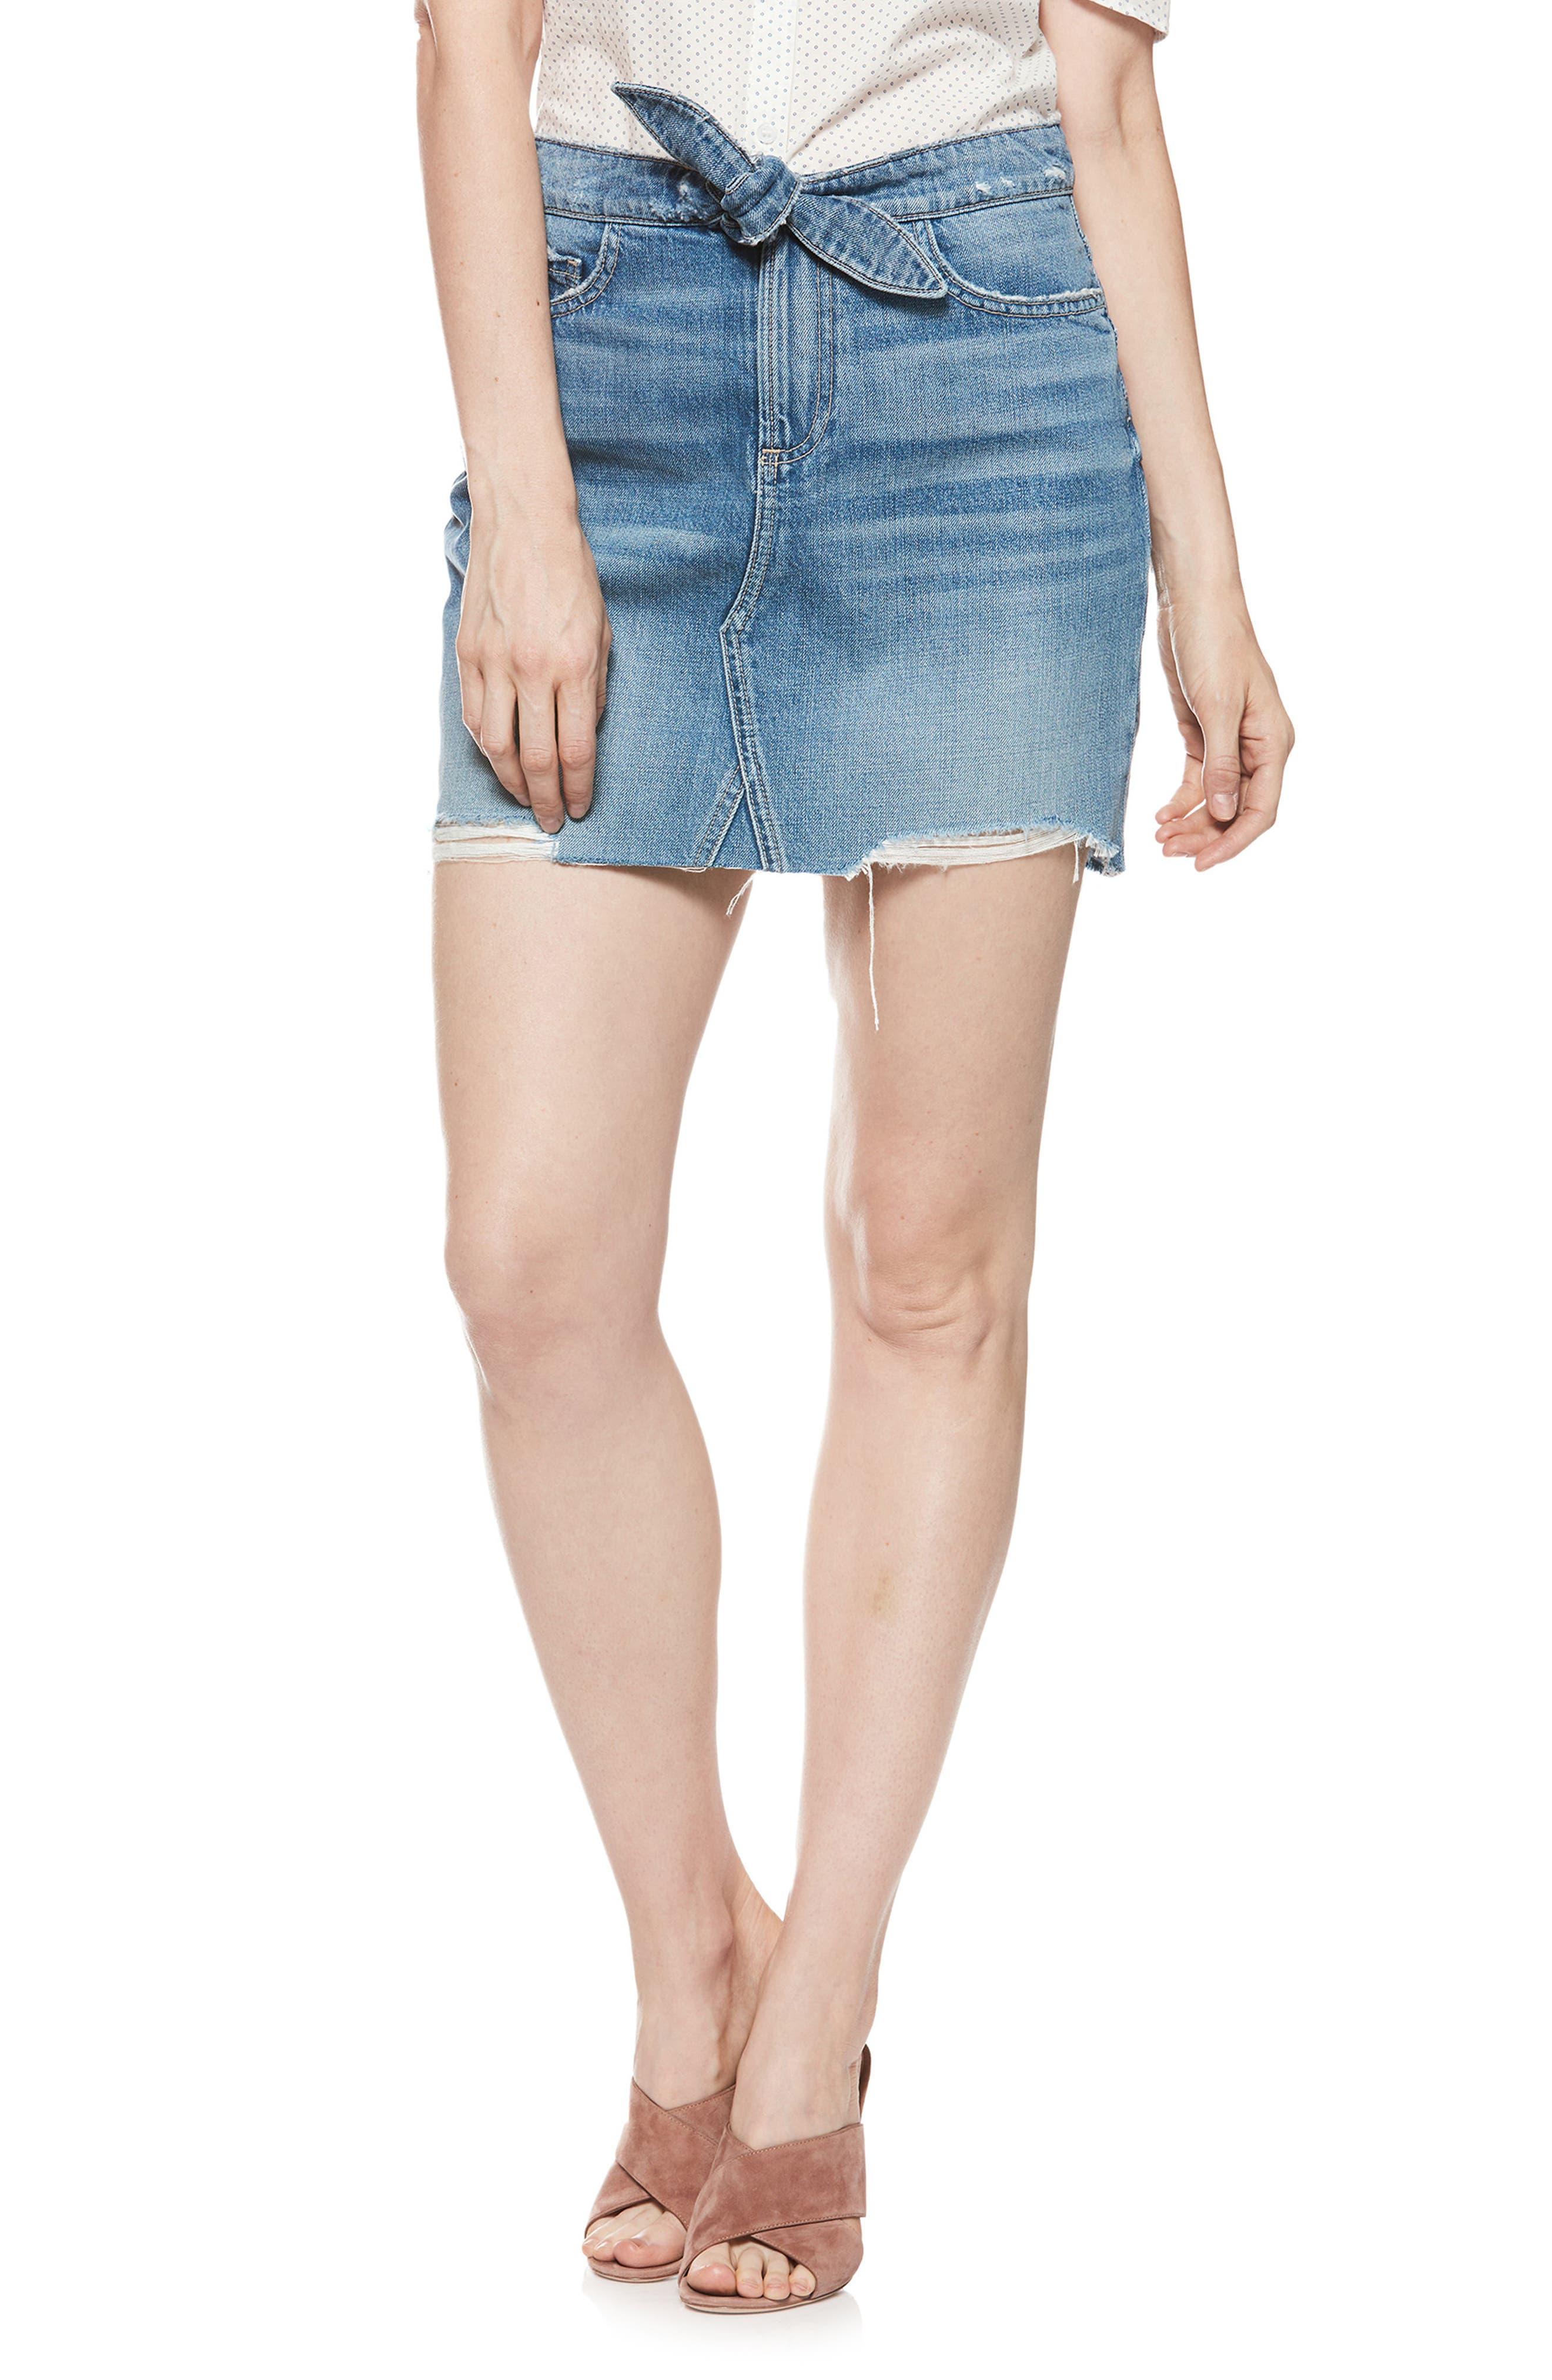 Alethea High Waist Denim Skirt,                             Main thumbnail 1, color,                             Arissa Destructed